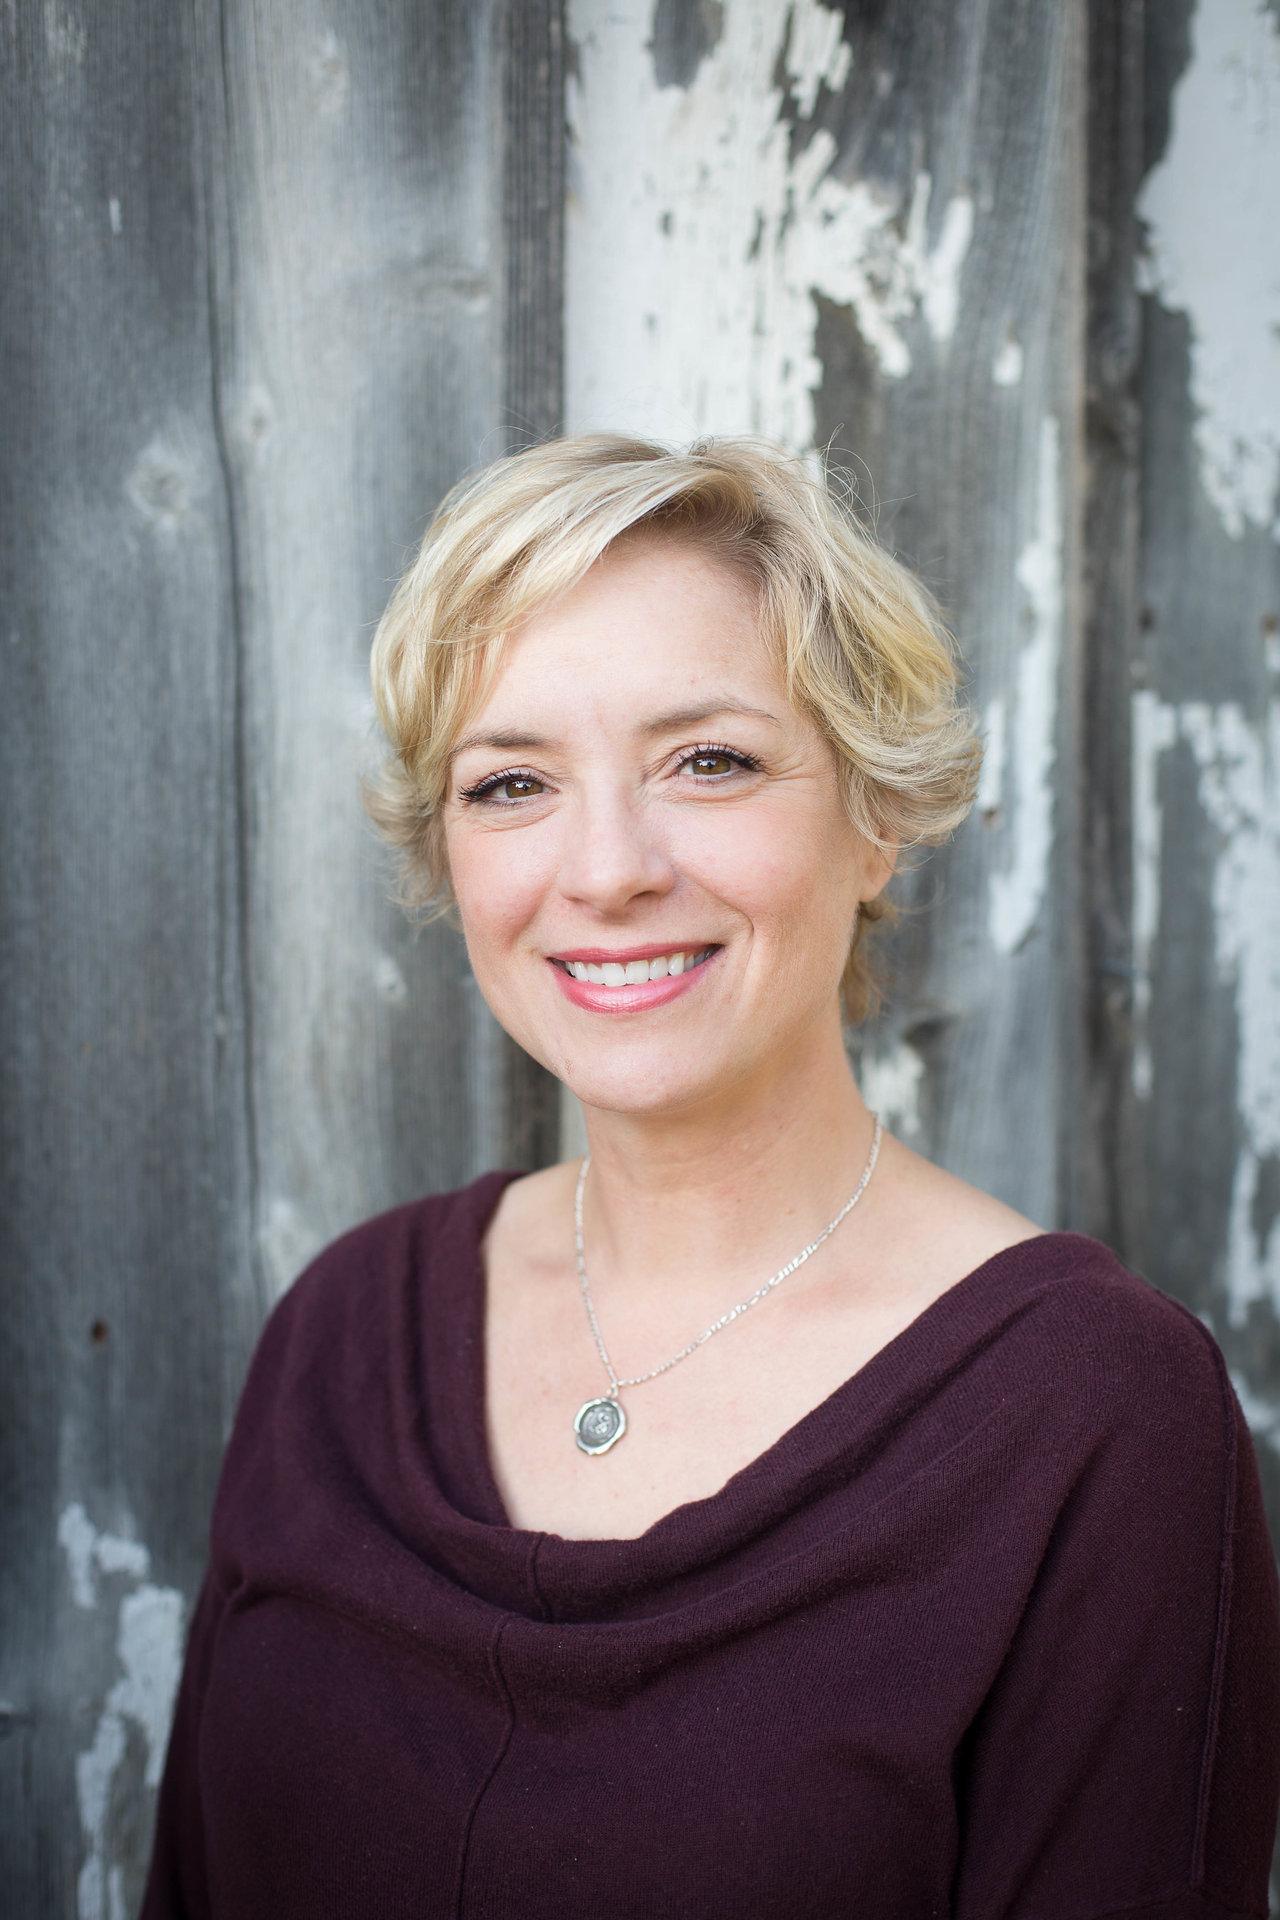 Susan Emory